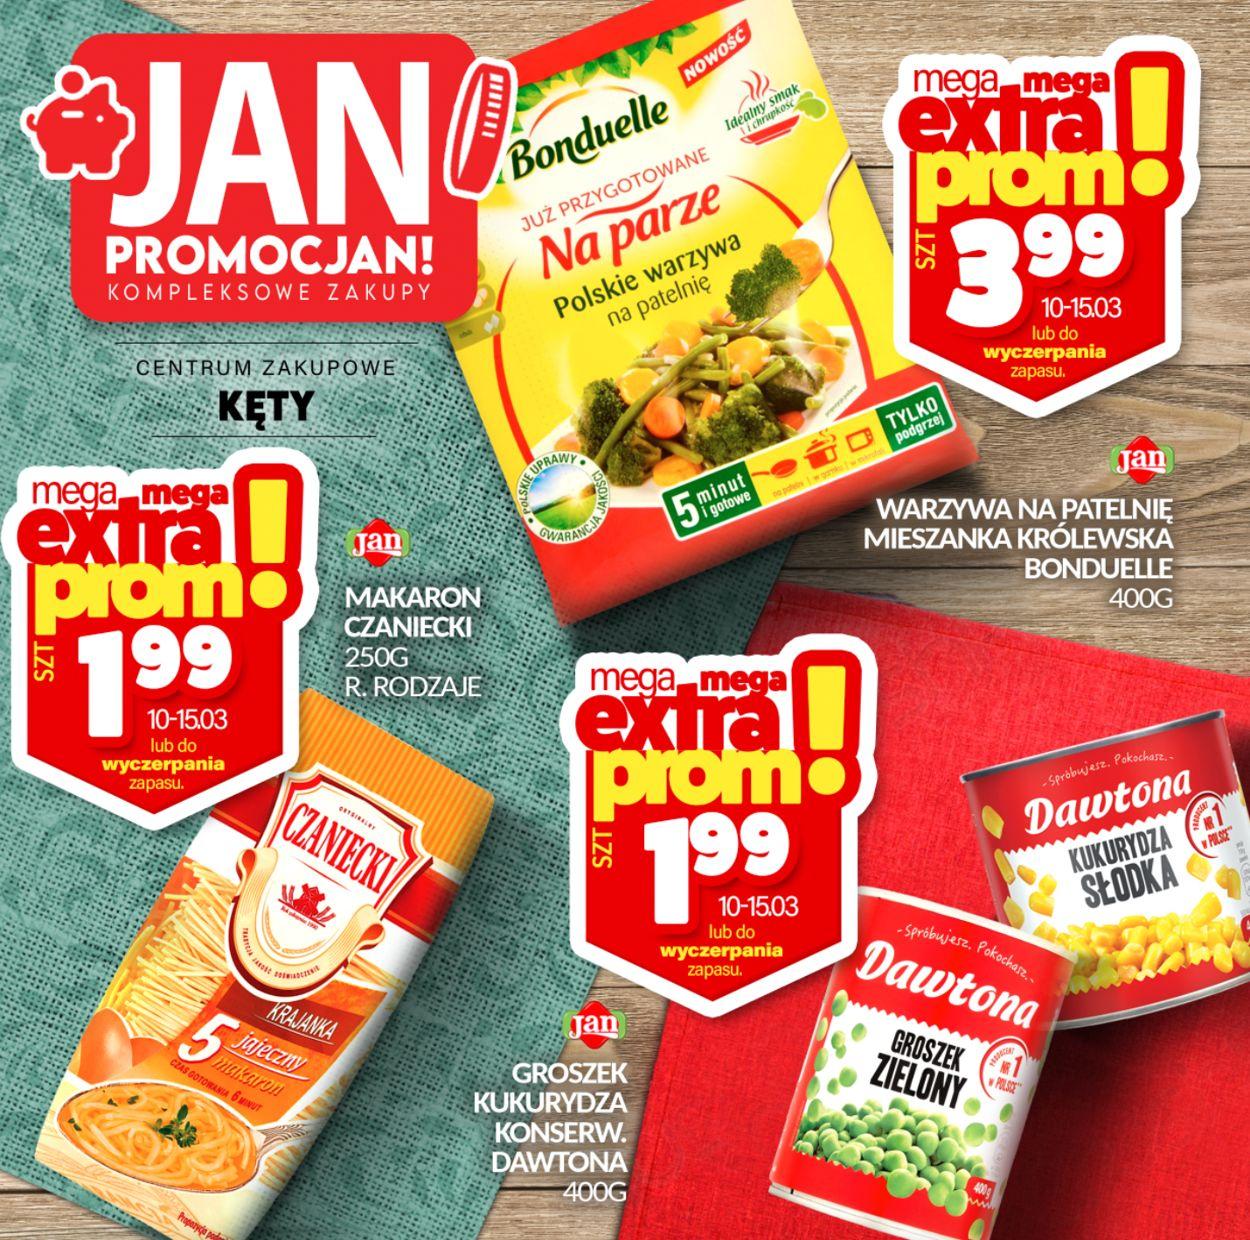 Gazetka promocyjna Market Jan Targ rybny - 27.02-31.03.2021 (Strona 3)